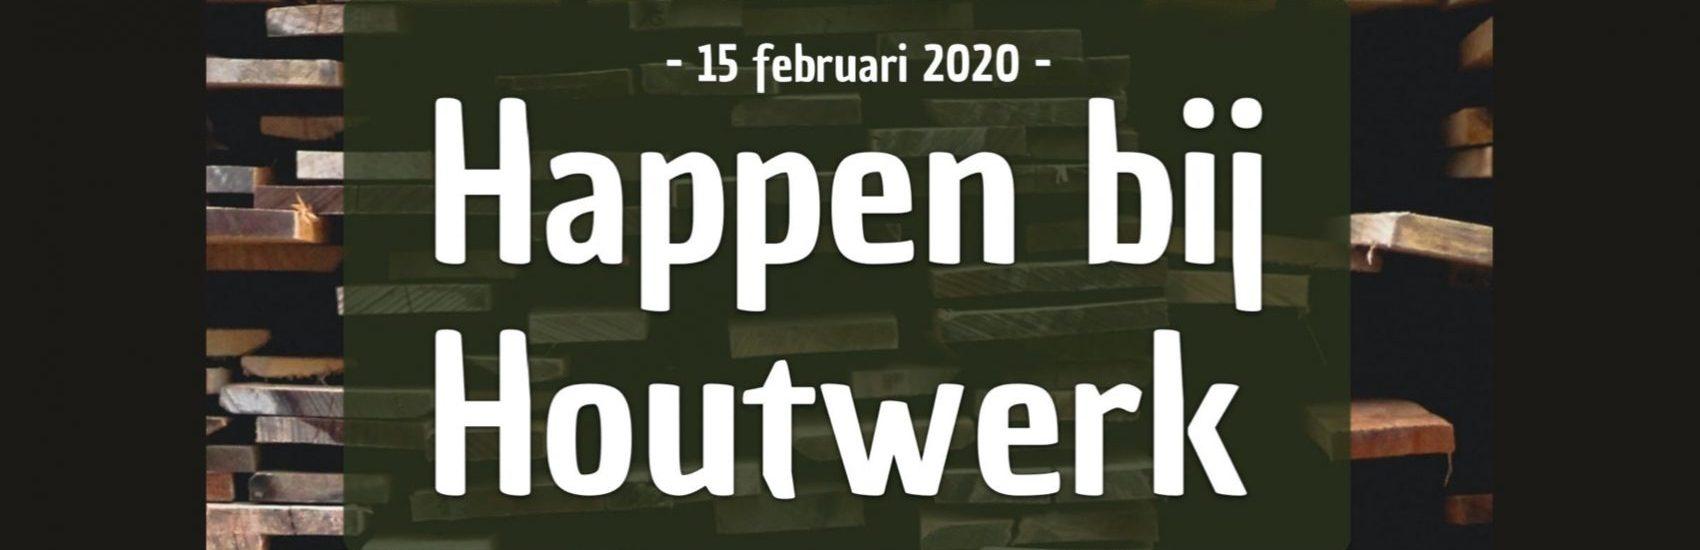 header_happen_bij_houtwerk